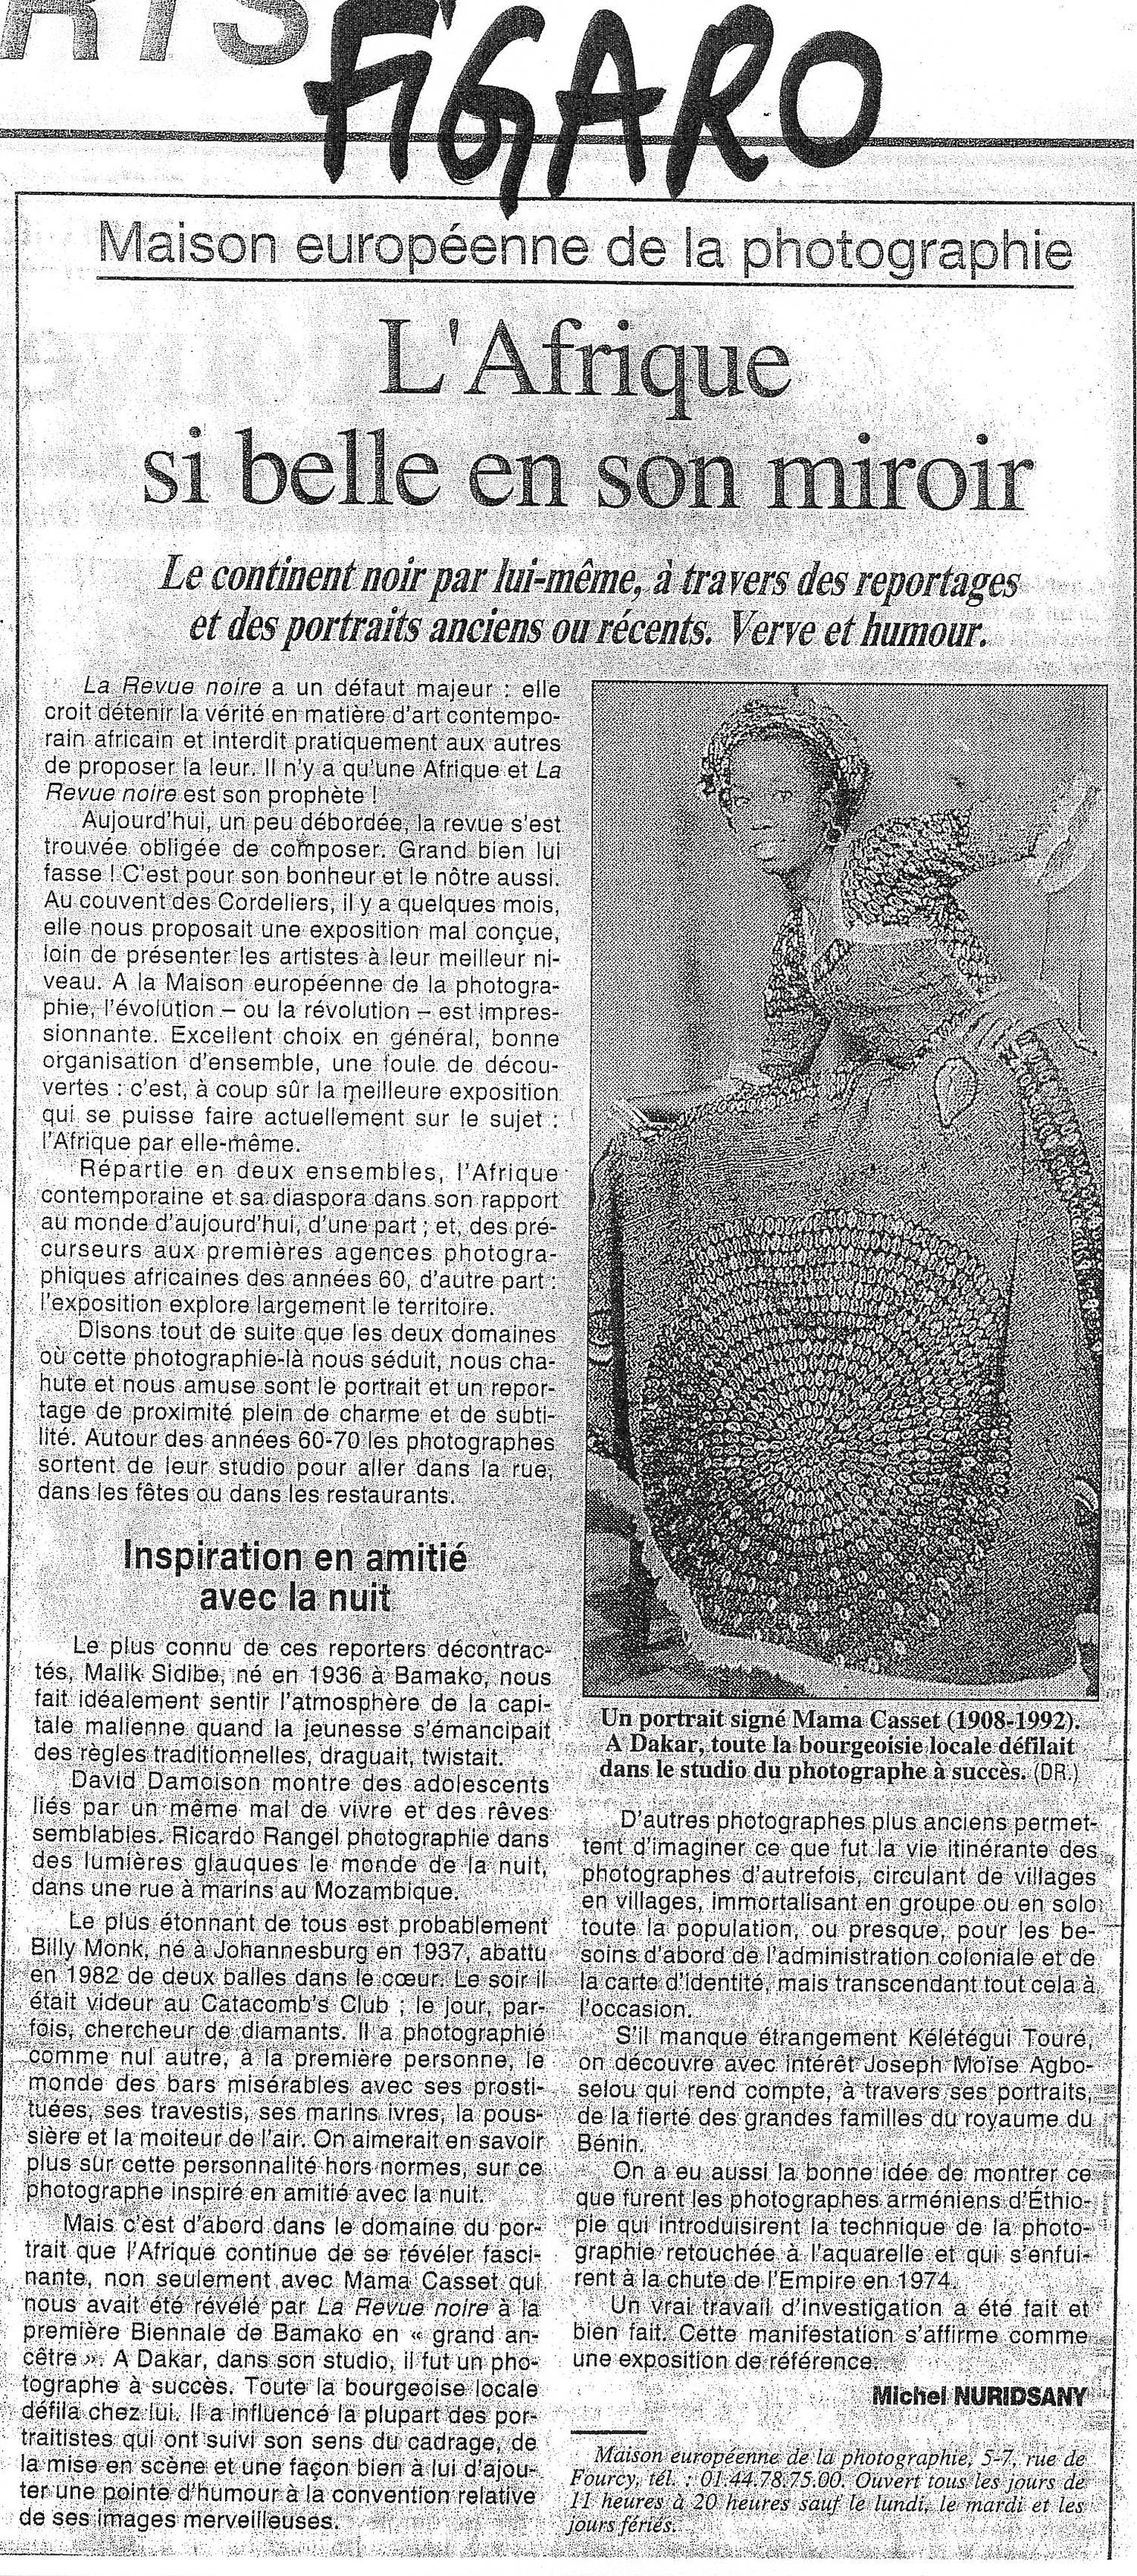 Revue de Presse: Le Figaro, mai 1998, Michel Nuridsany. L'Afrique si belle en son mirroir,